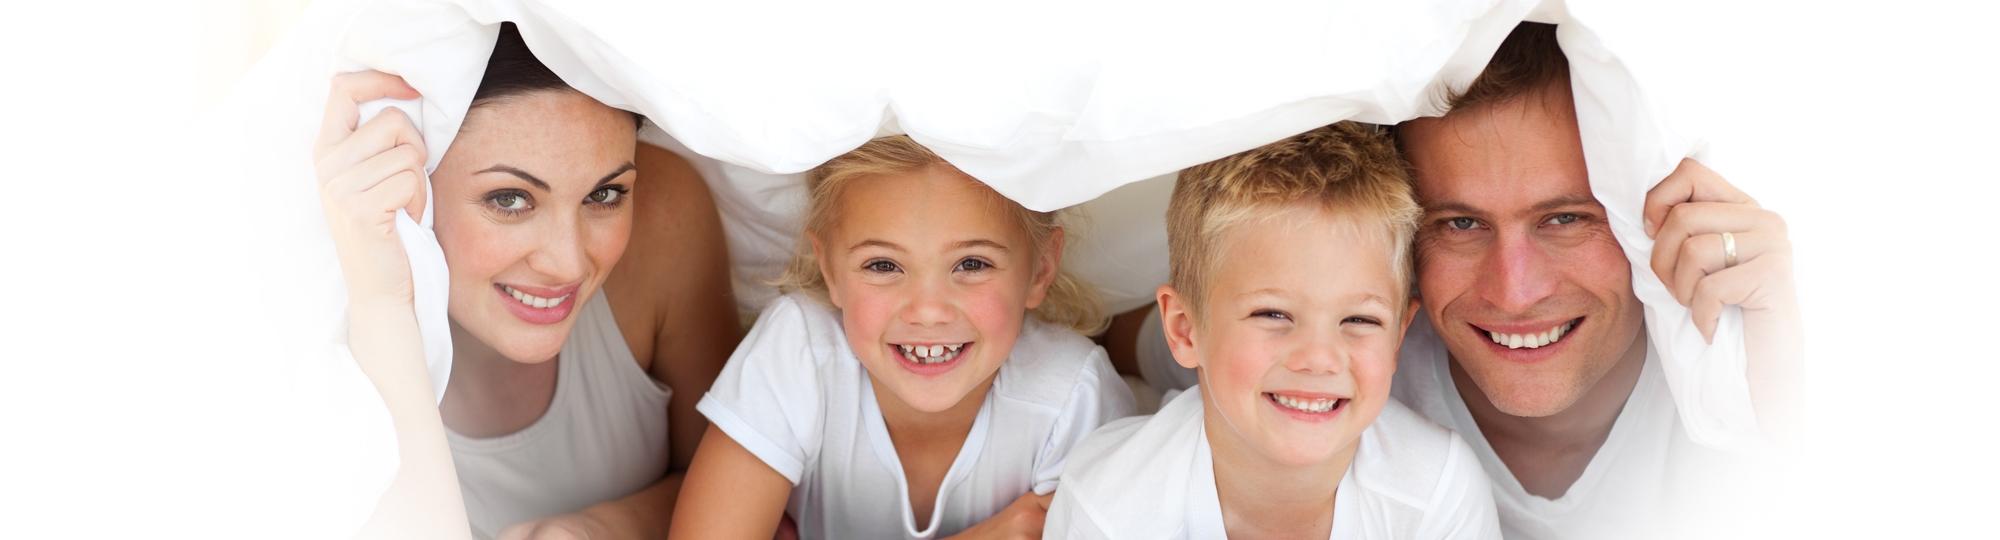 Vacanze con la famiglia in umbria for Vacanze in famiglia